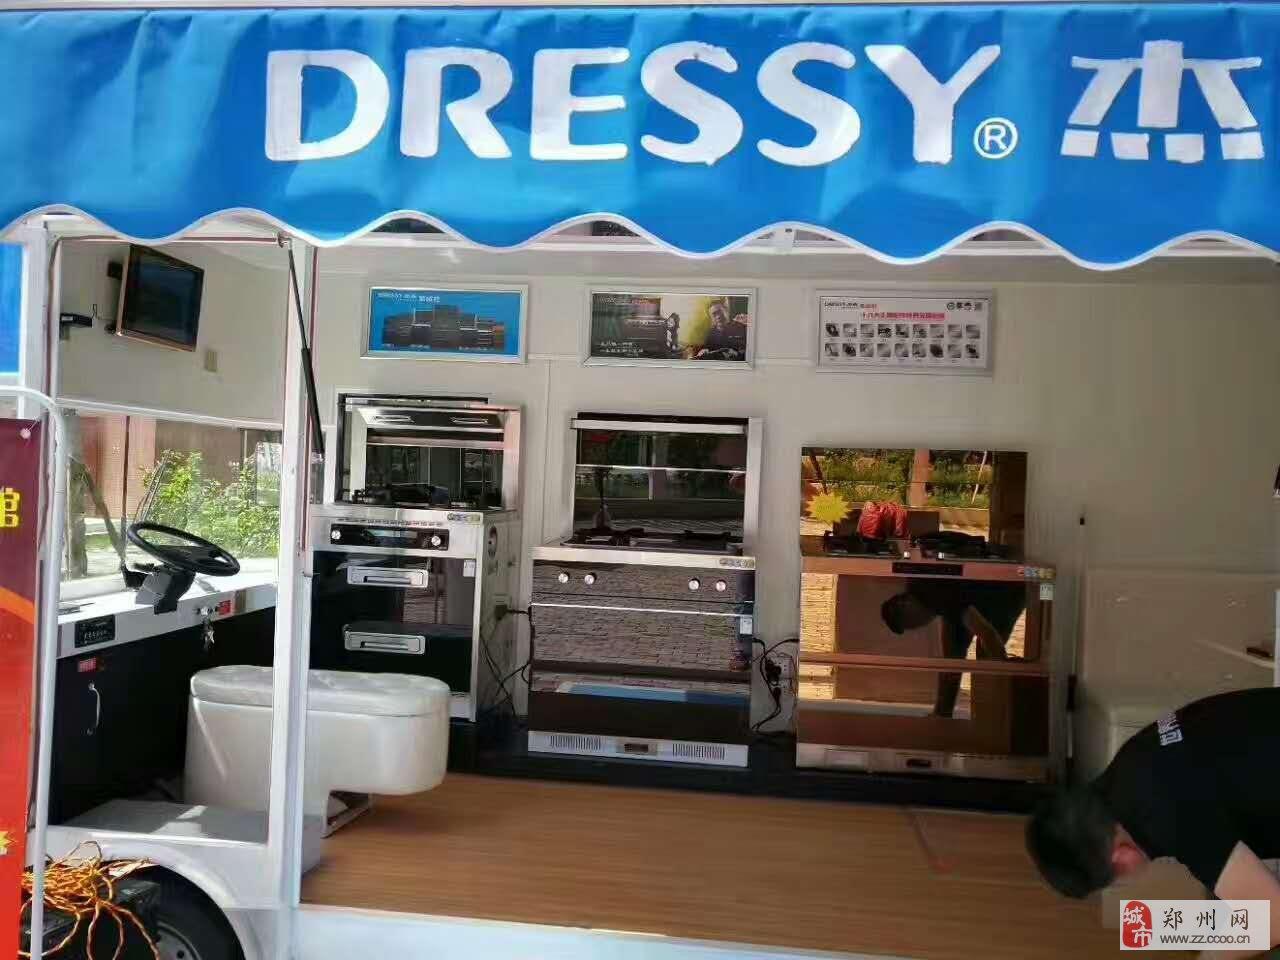 厂家直销电动展示车、移动美食车、移动路演车支持定制